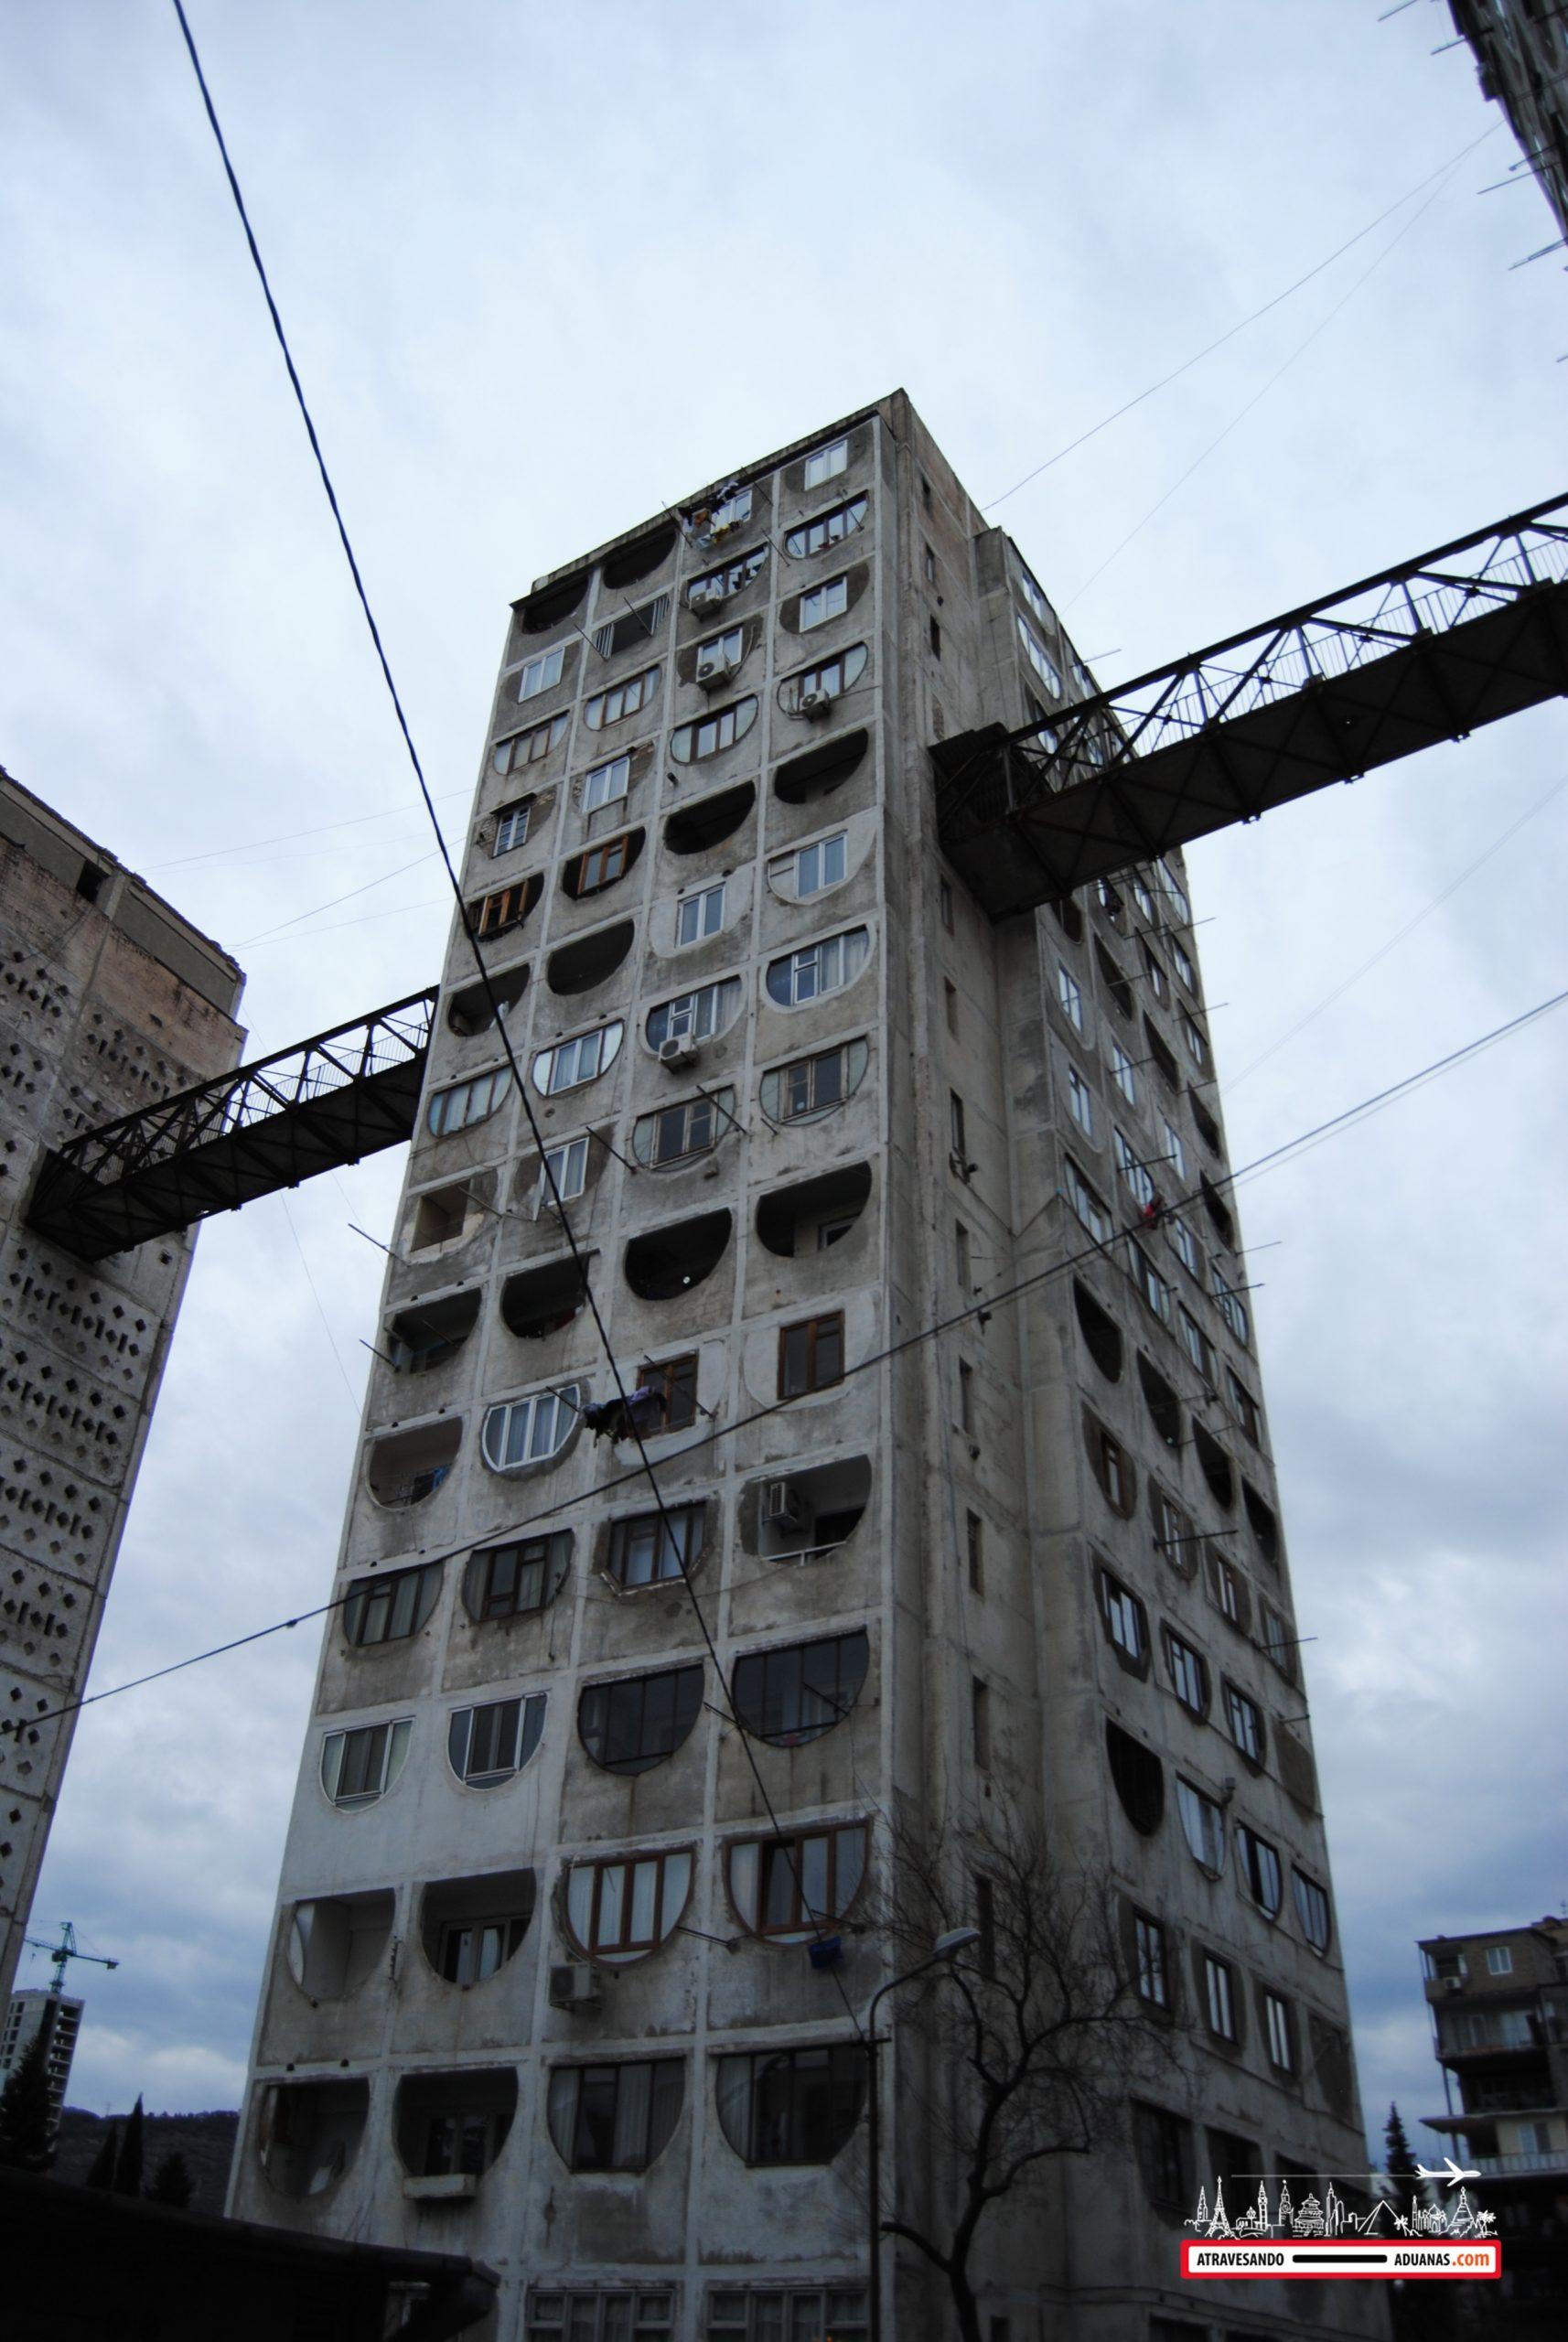 edificio soviético del barrio de saburtalo, tbilisi